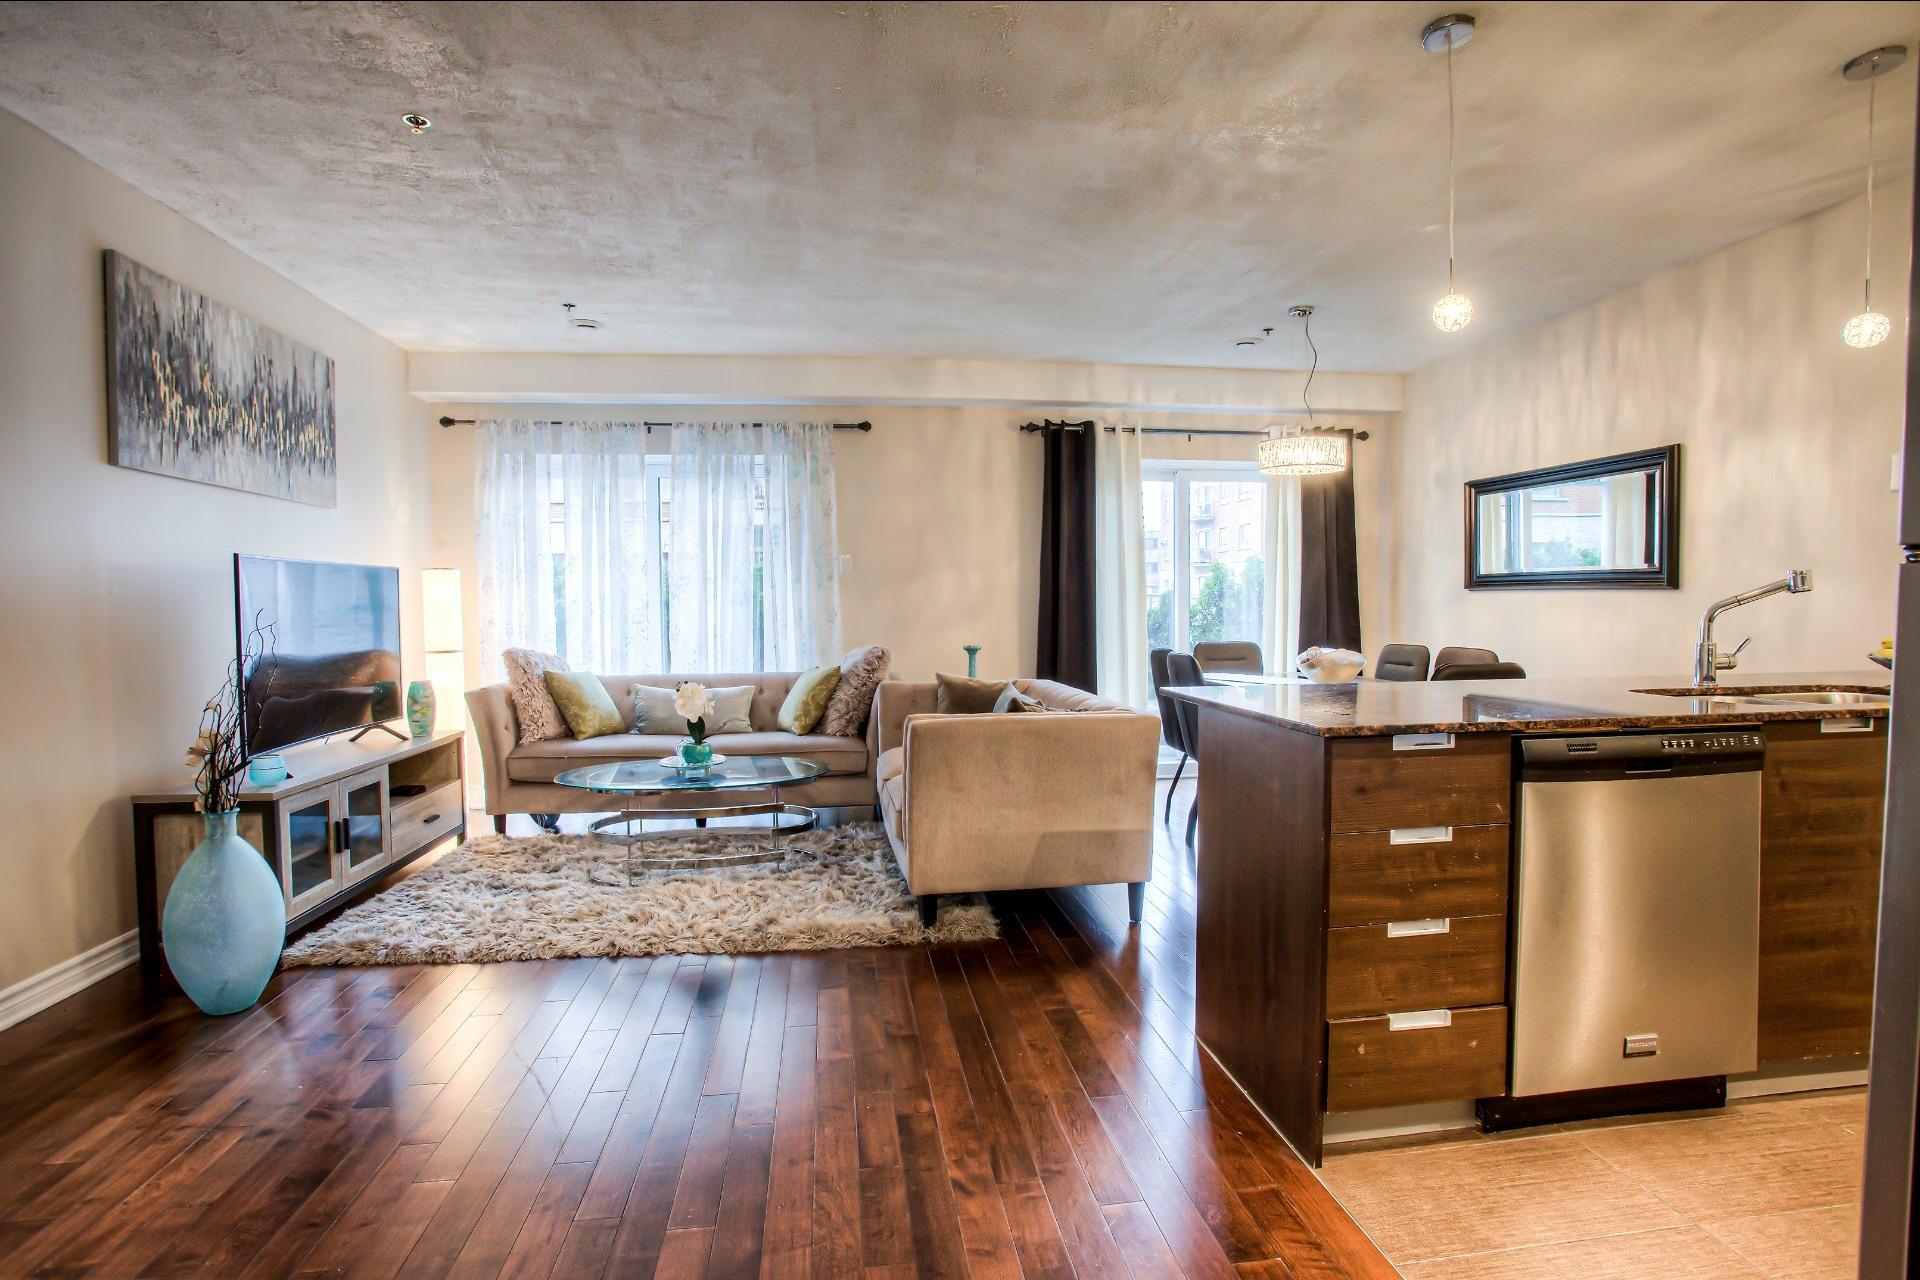 image 9 - Apartment For sale Saint-Laurent Montréal  - 9 rooms